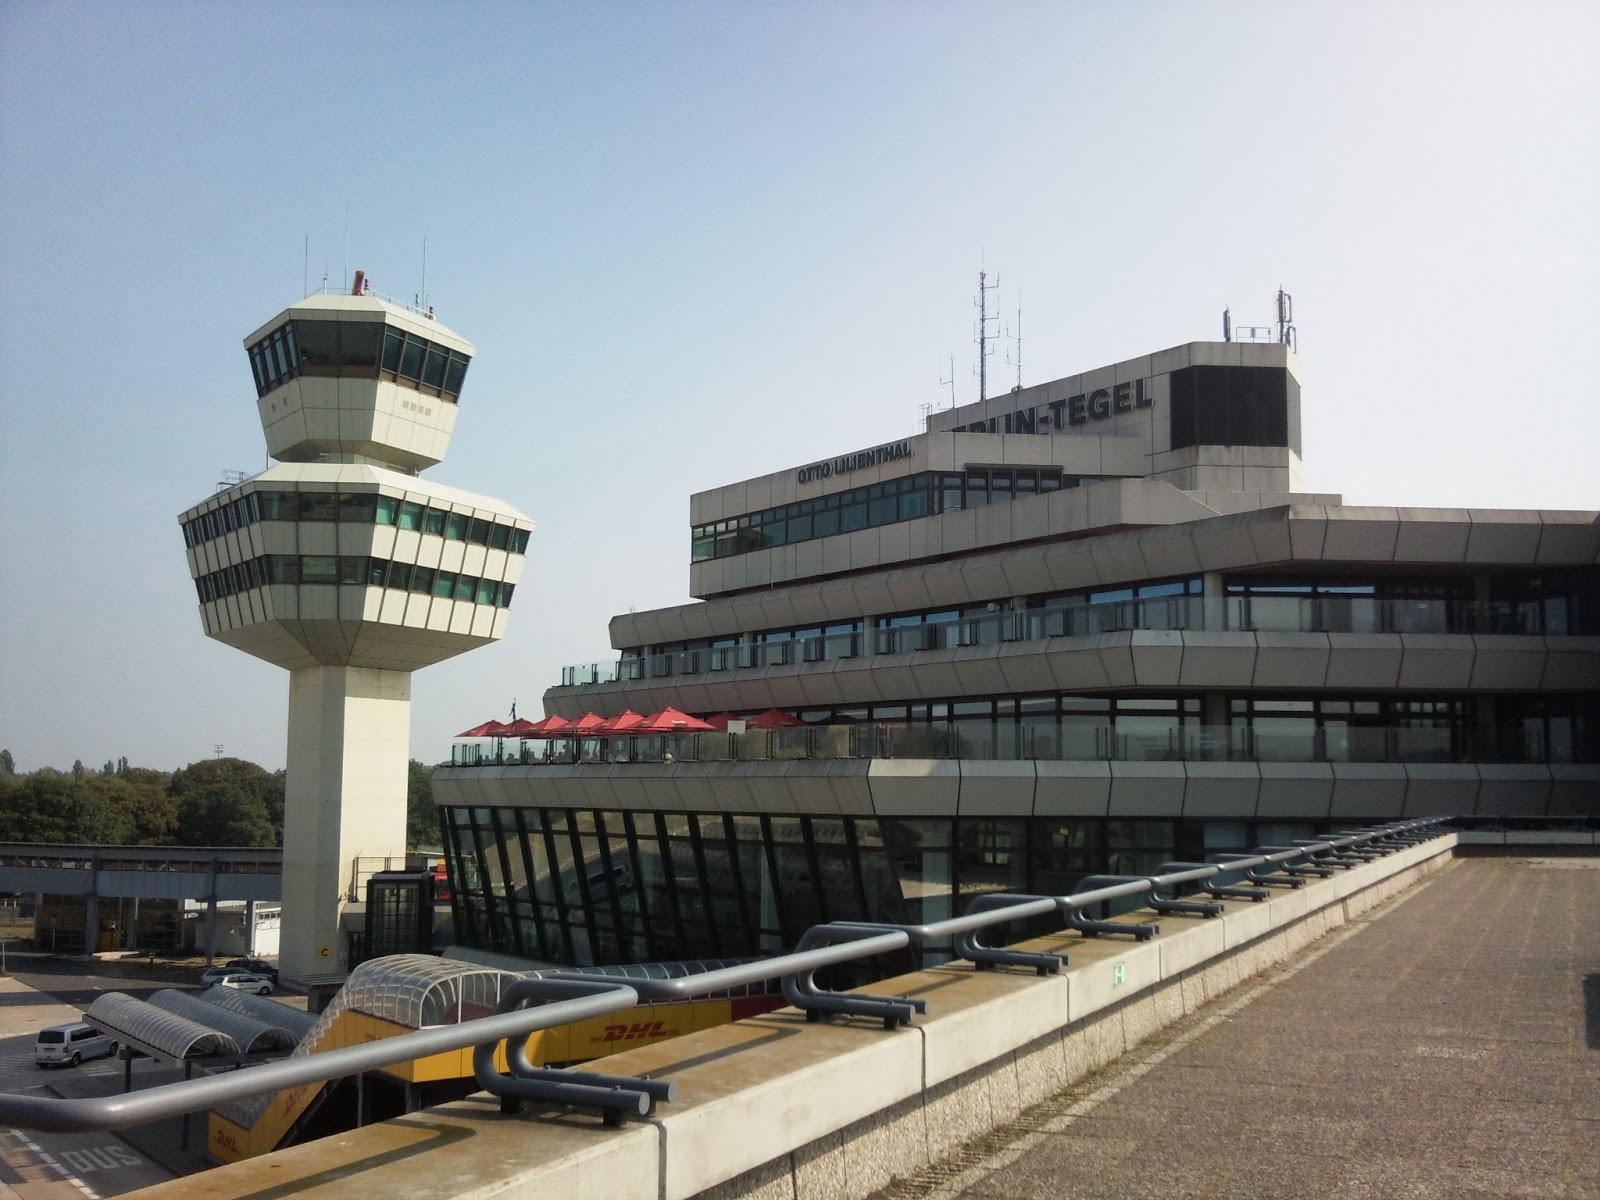 Flugh fen 40 jahre flughafen berlin tegel eine for Flughafen tegel